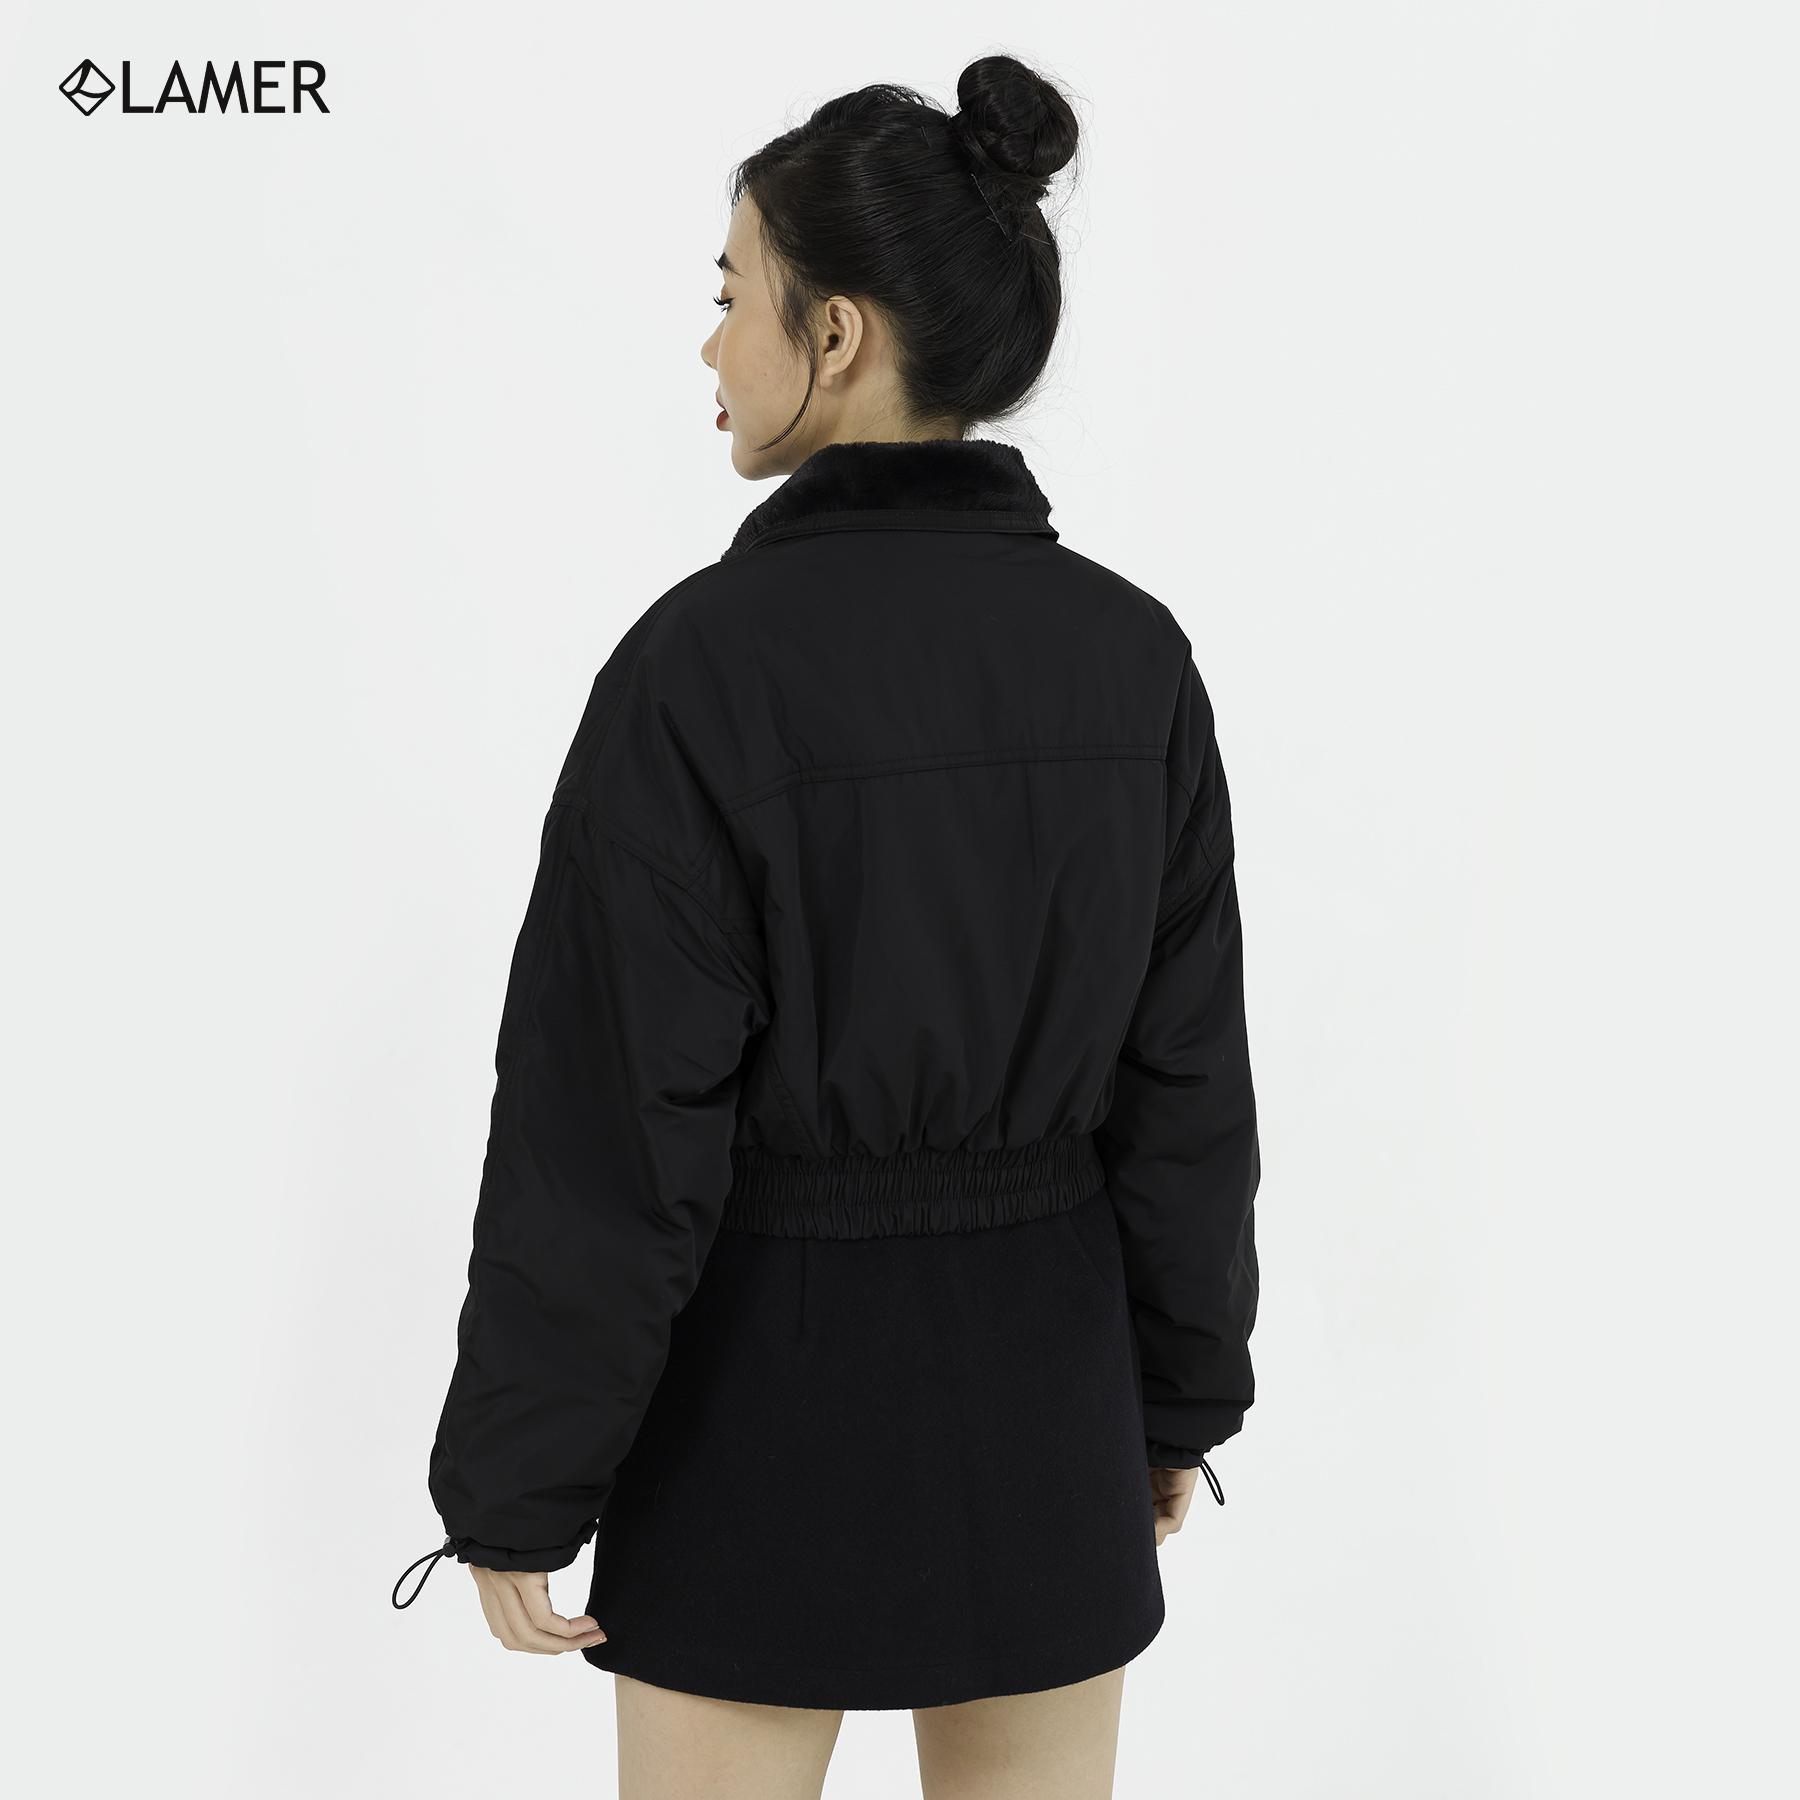 Áo phao croptop lót lông (mặc 2 mặt) LAMER N65P20T084